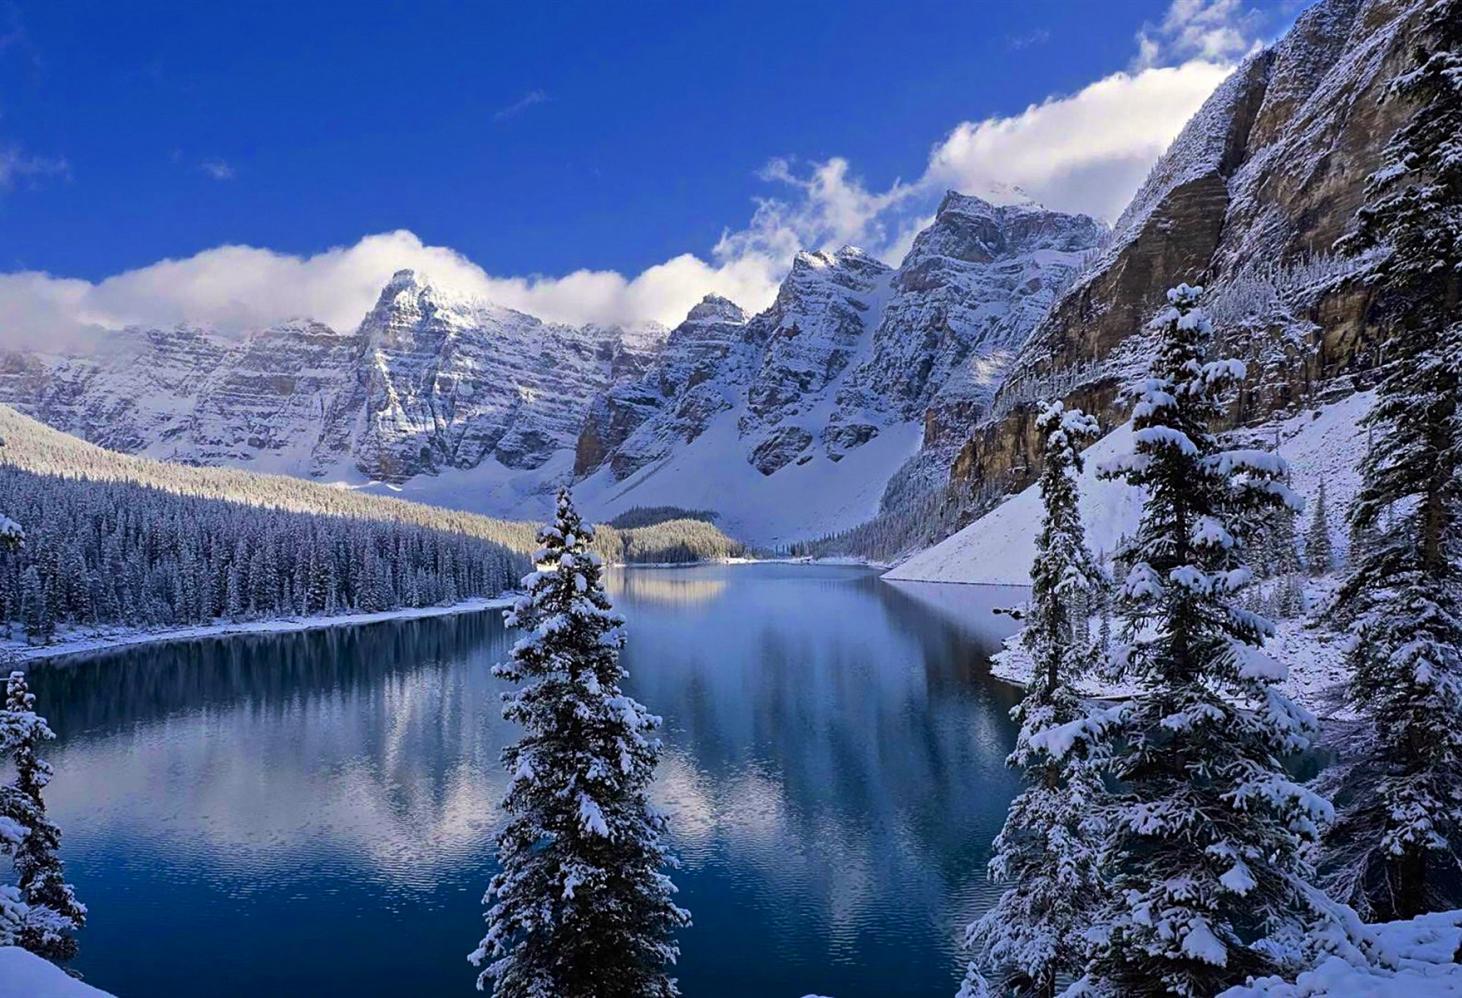 Озеро Морейн (Moraine Lake), Канада.